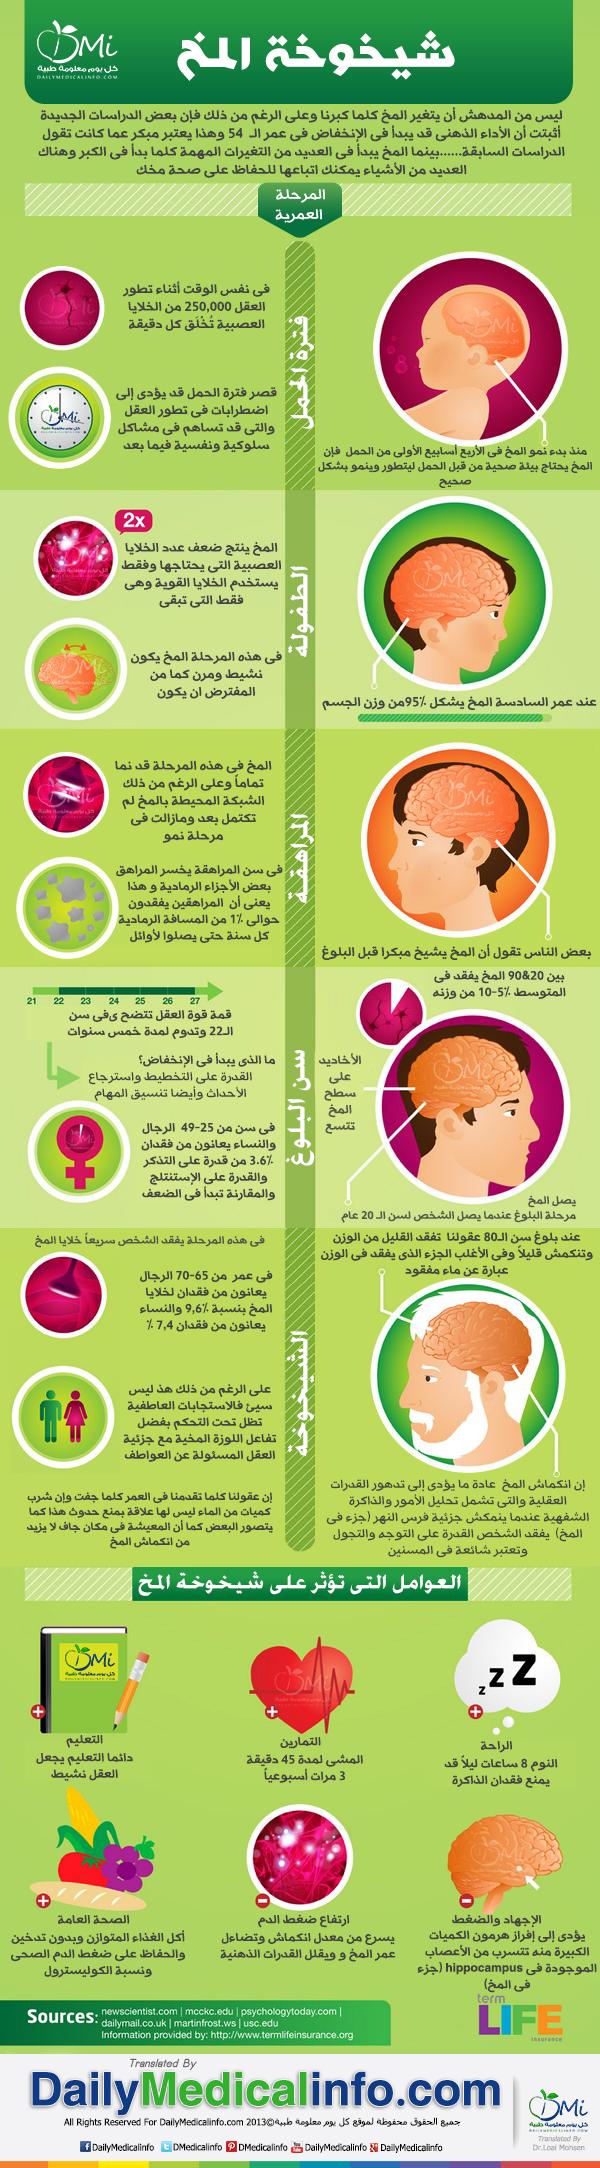 شيخوخة المخ DailyMedicalinfo_Bra